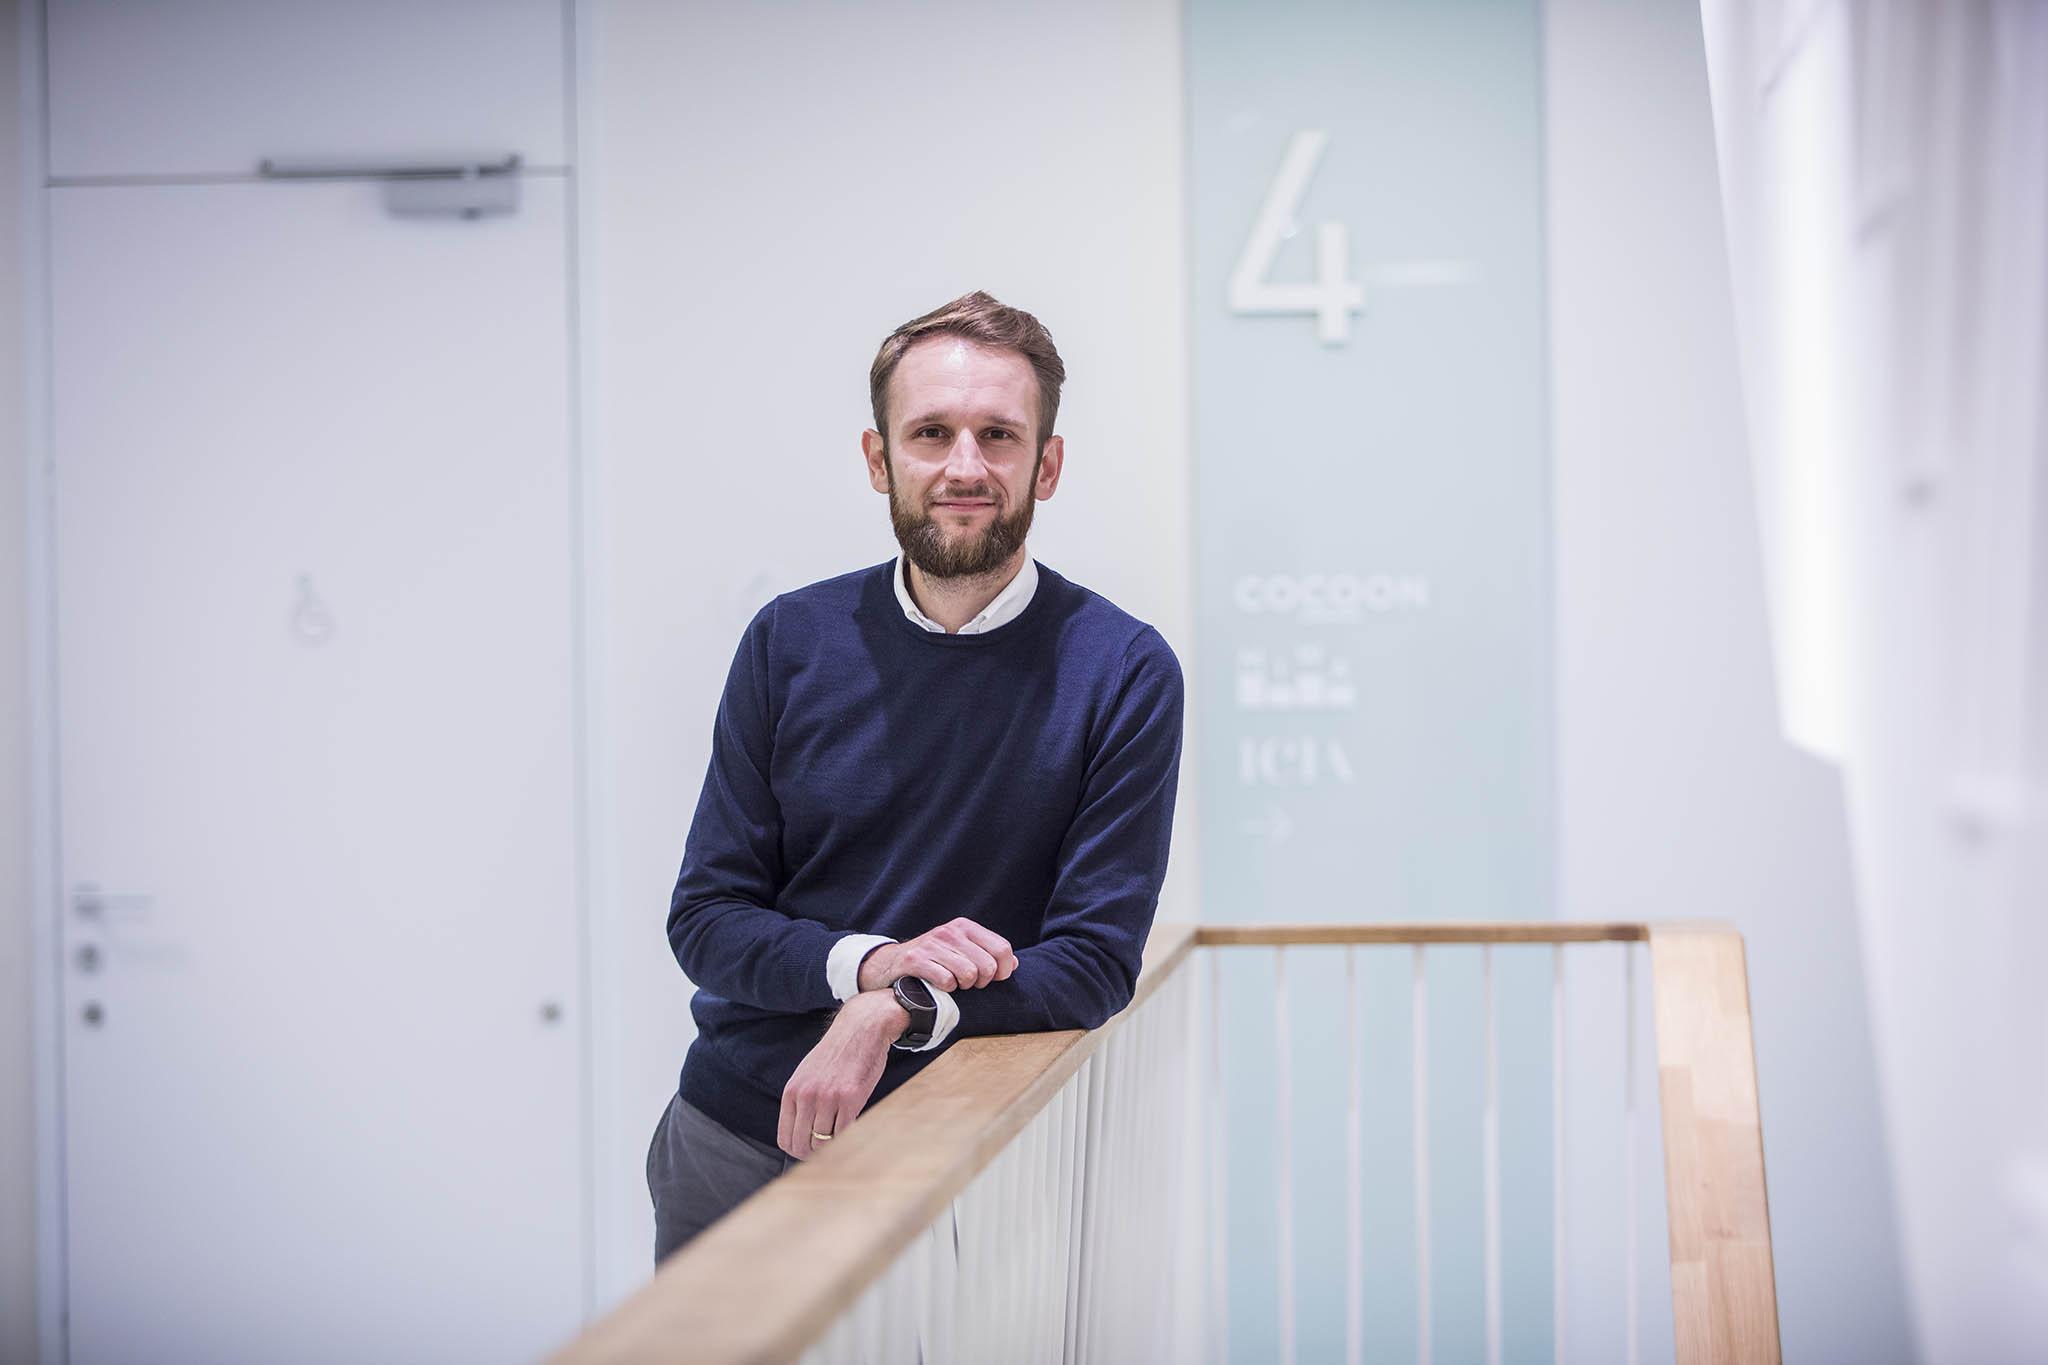 Zainkubátor expertů nainvestice dozačínajících technologických firem označují mladí podnikatelé Jan Krahulík aMichal Ciffra (na snímku) svůj projekt Grouport.